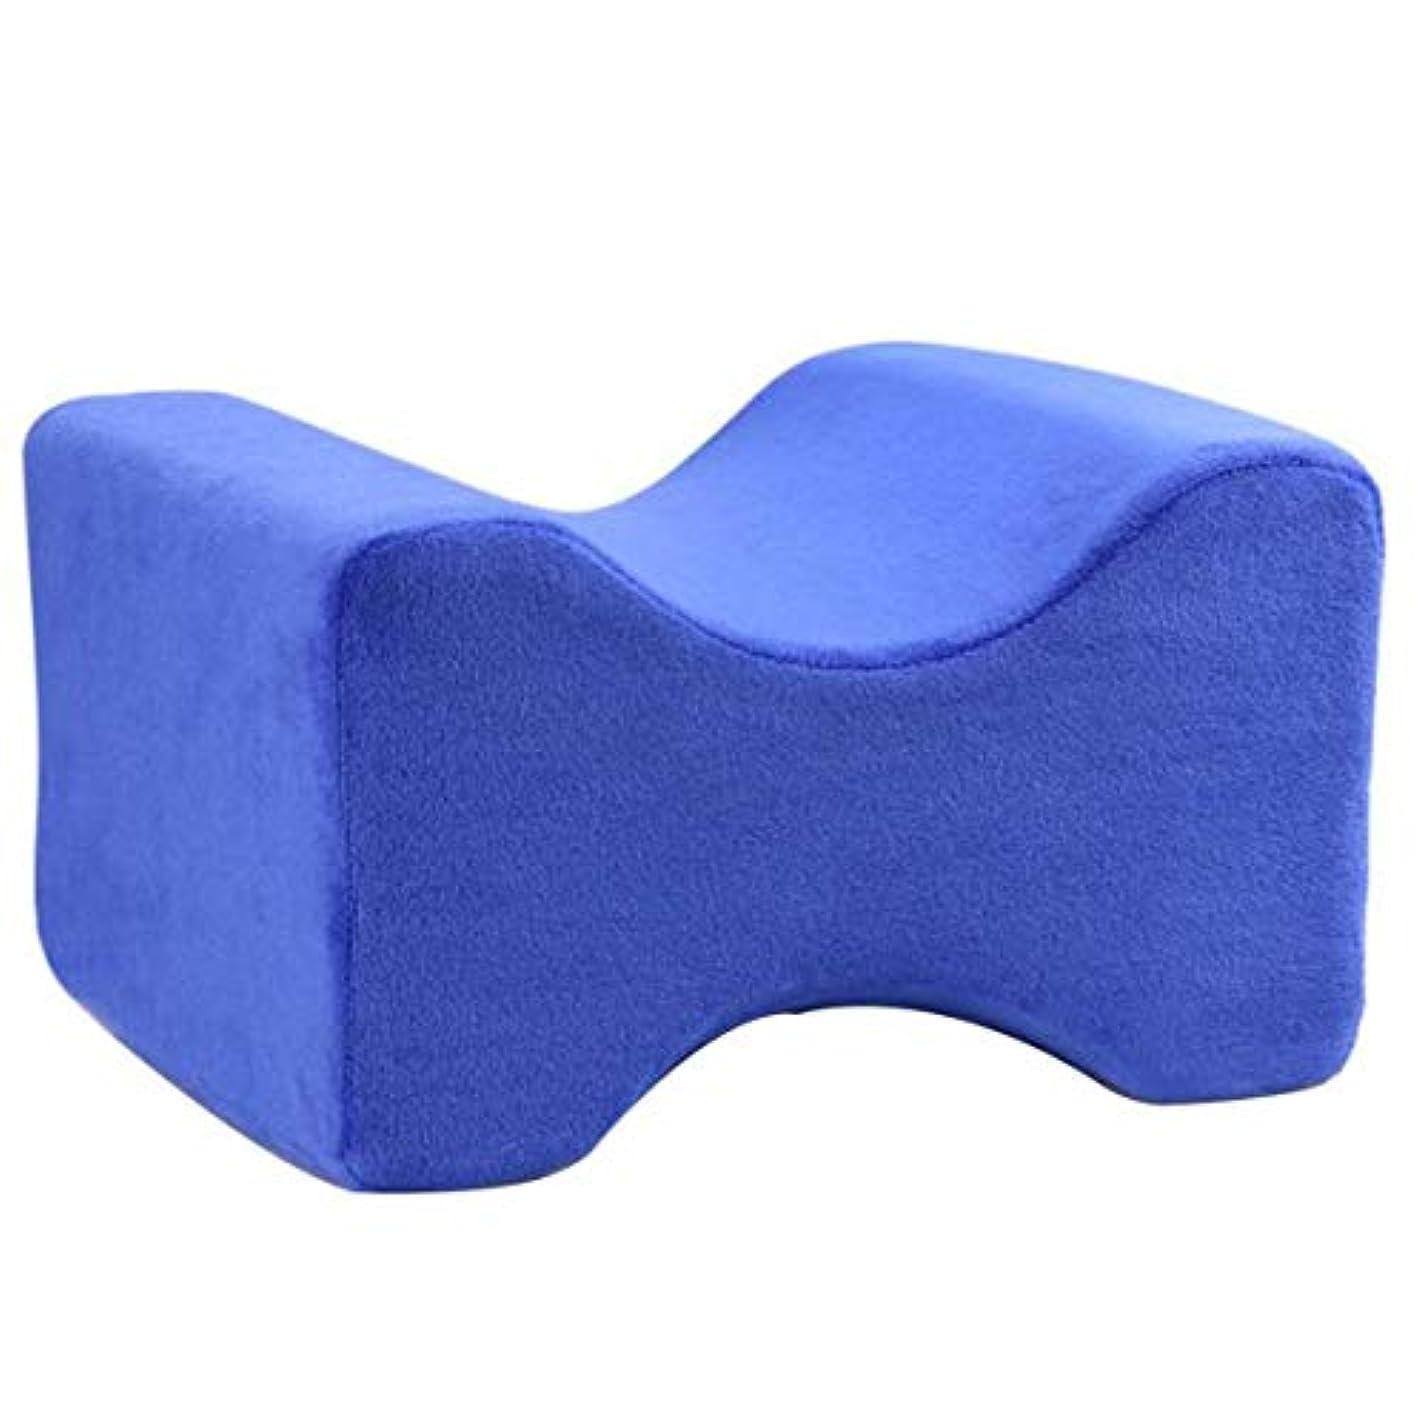 サッカー不要消えるIntercoreyソフト枕膝枕クリップ足低反発ウェッジ遅いリバウンド低反発綿クランプマッサージ枕用男性女性